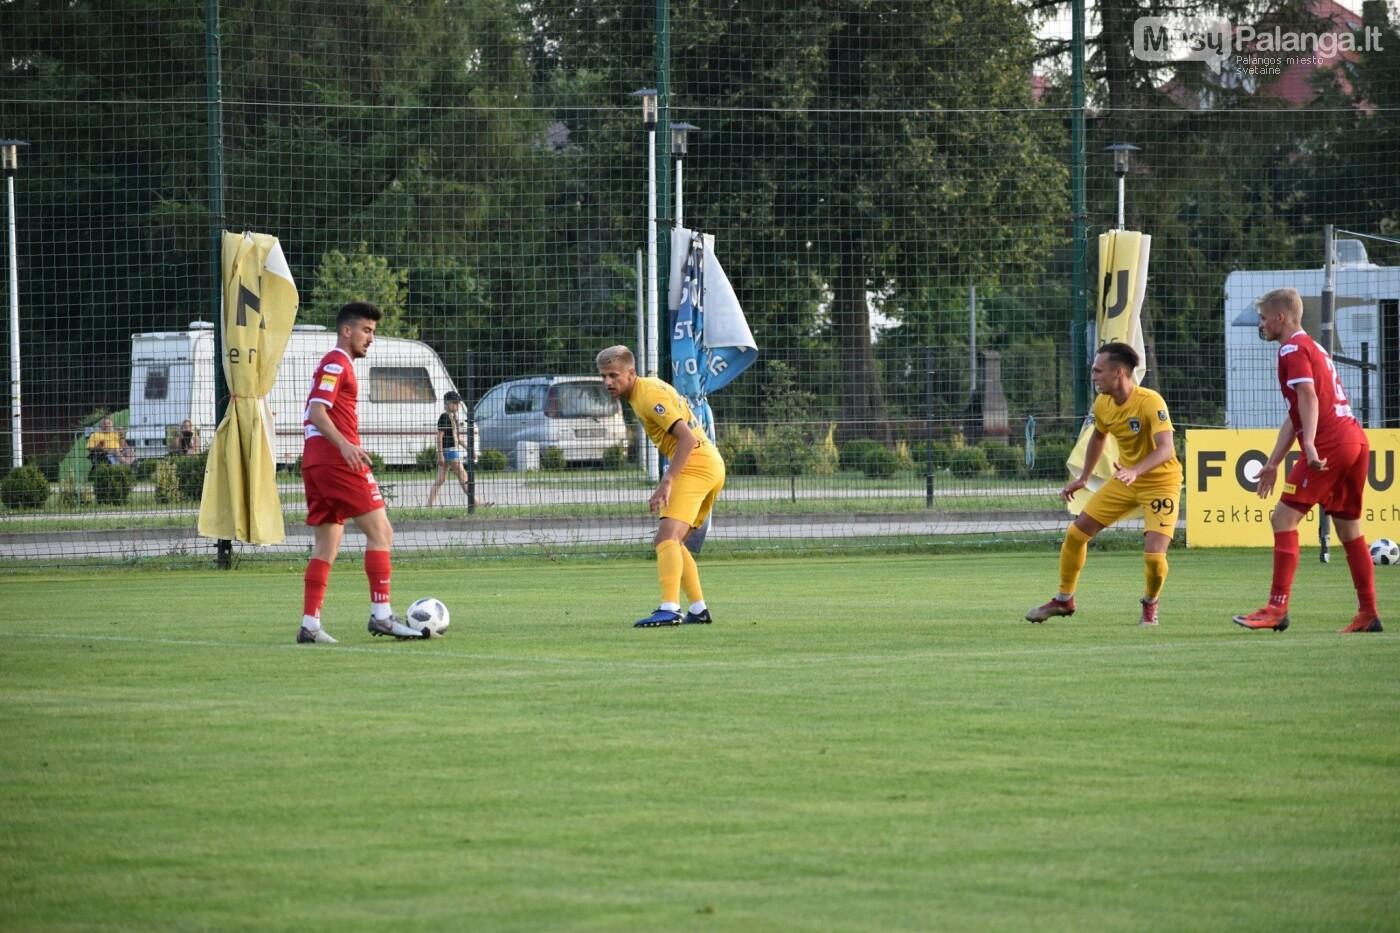 Kontrolinėse rungtynėse Lenkijoje – būrys peržiūroje dalyvaujančių futbolininkų bei naujas treneris, nuotrauka-25